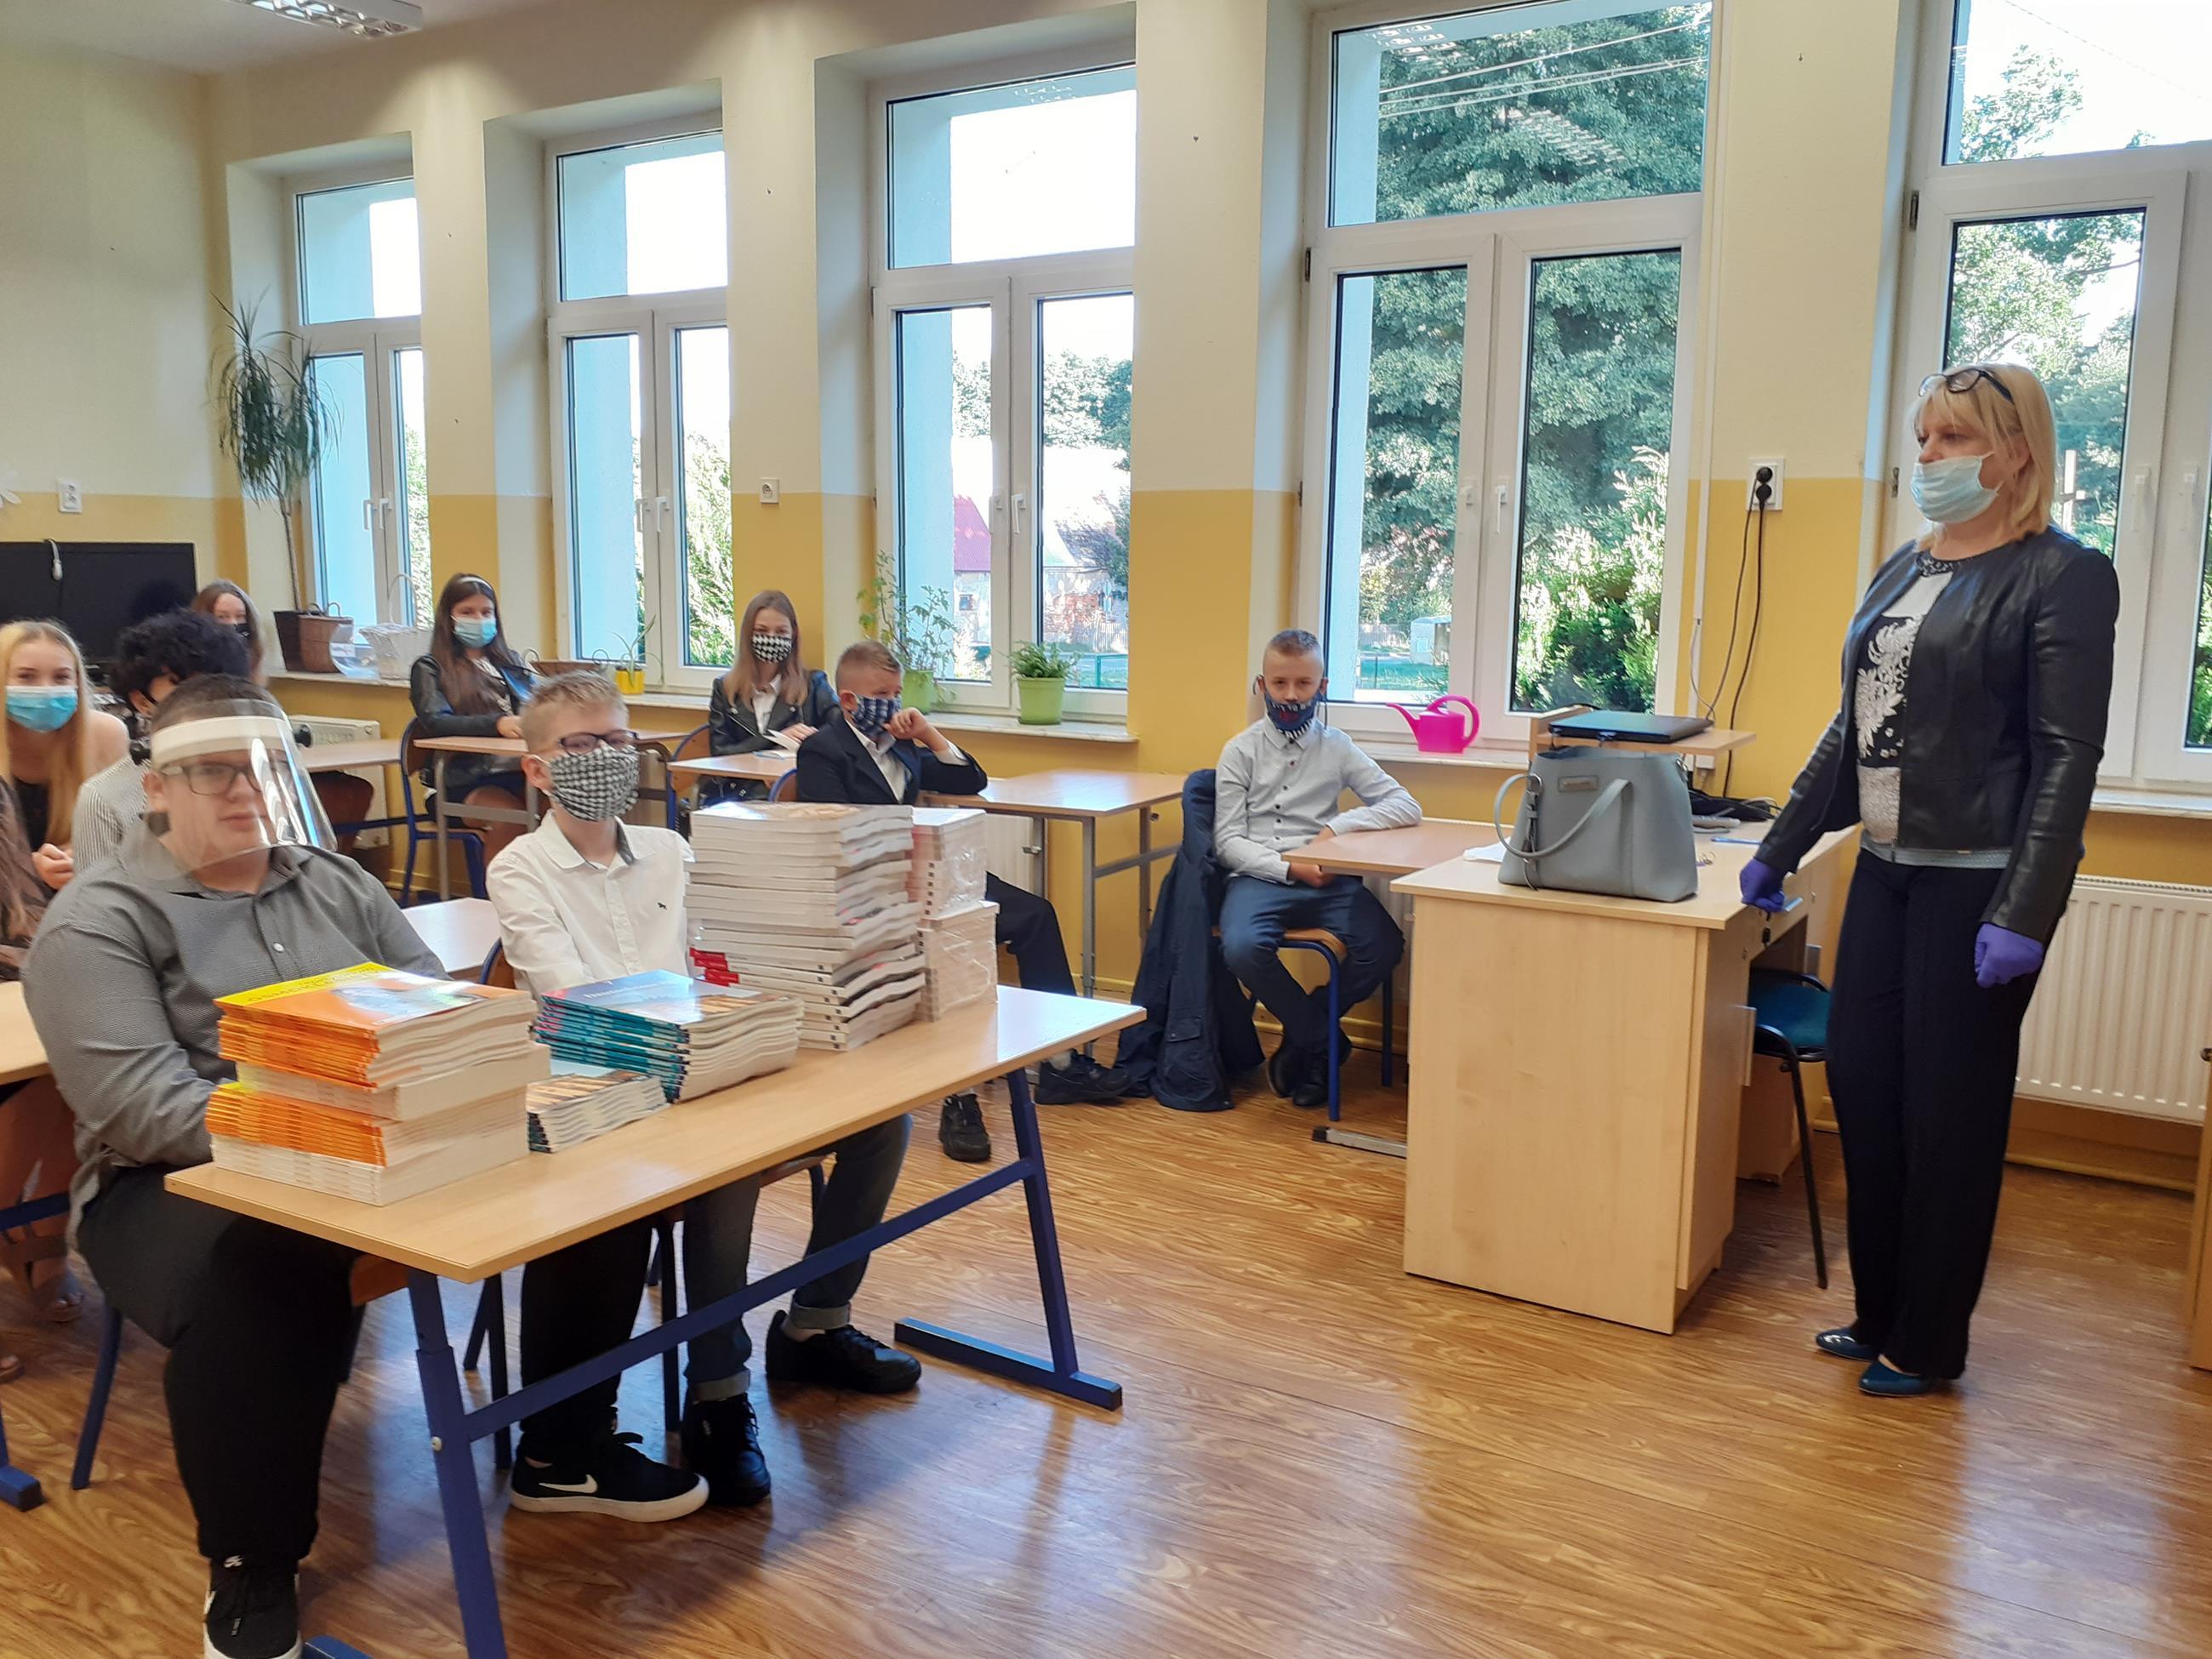 Zdjęcie przedstawia spotkanie uczniów klasy 7 z wychowawcą